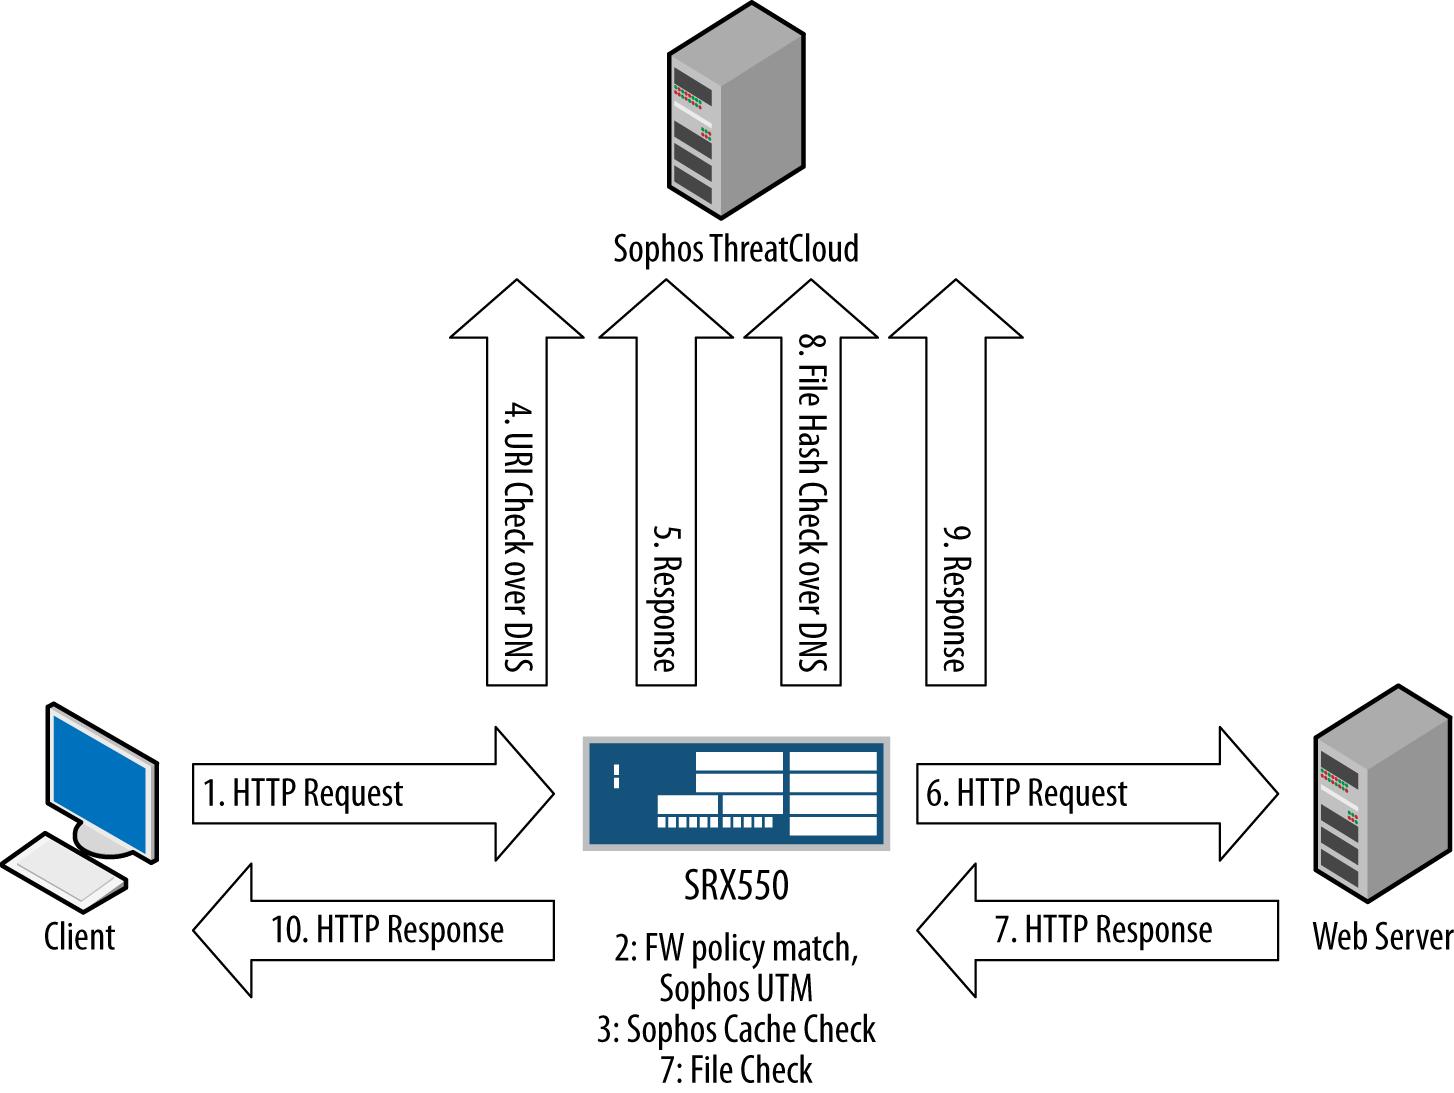 Sophos AV inspection diagram